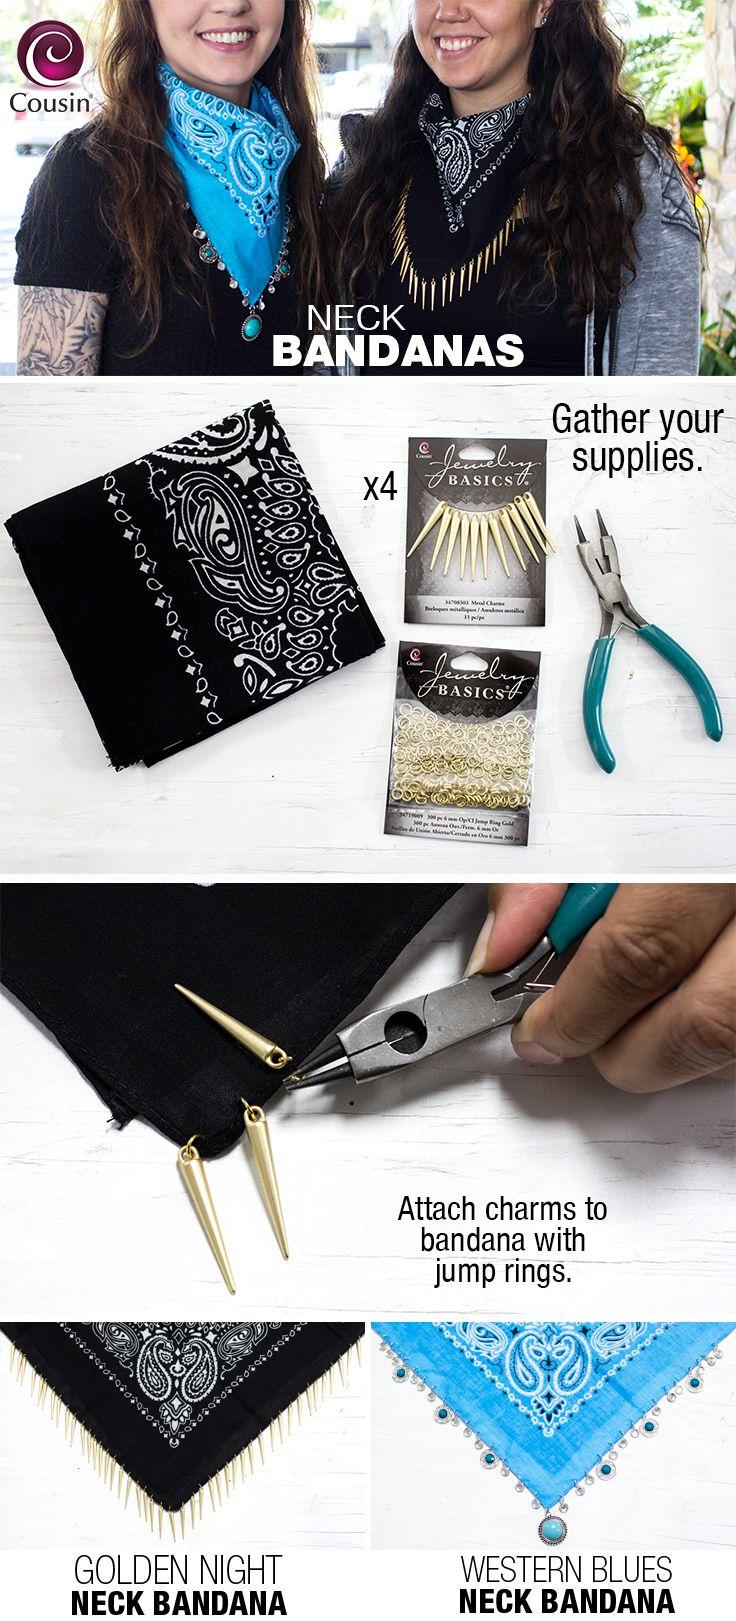 Diy Bandana Accessories How To Wear A Bandanna Diy Scarf Tutorial Easy New Sew Fashion Accessori Diy Festival Clothes Fashion Design For Kids Diy Fashion